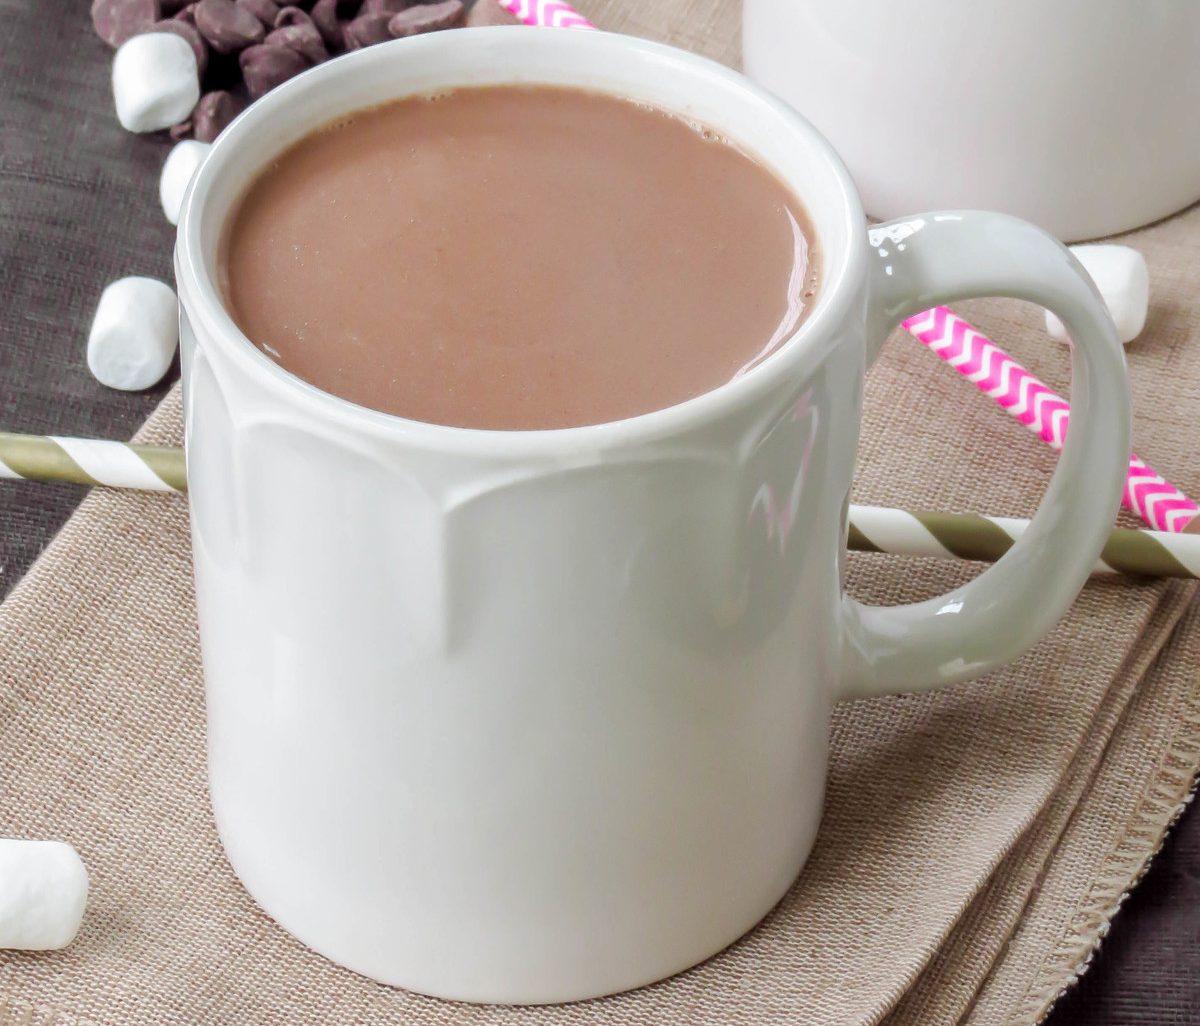 Фото кружка какао.